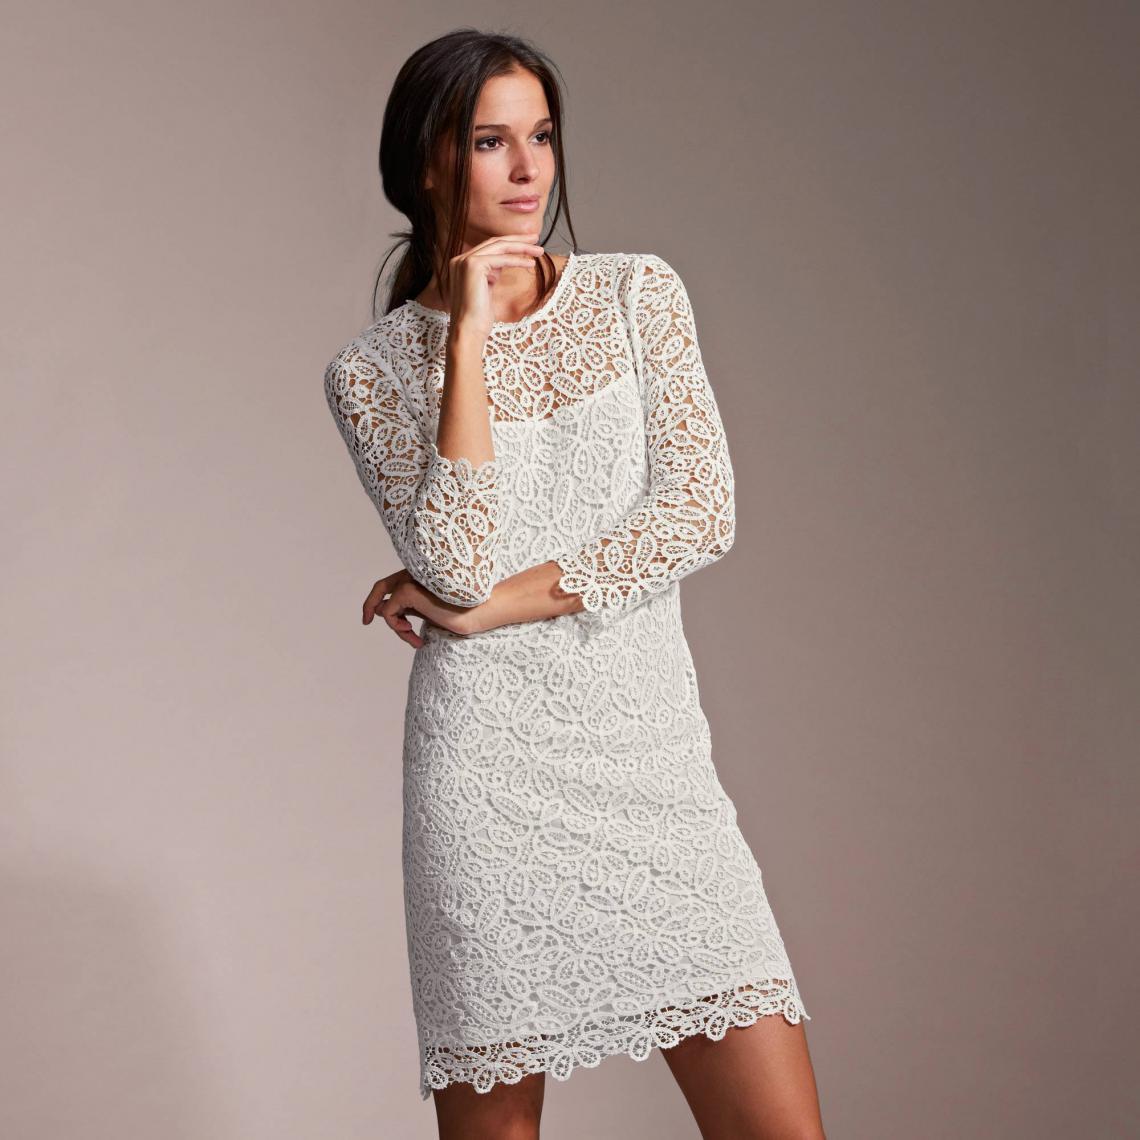 e2caa0e6d38 Robe courte de soirée doublée dentelle guipure femme PREMIUM - Blanc 3  SUISSES Collection Femme